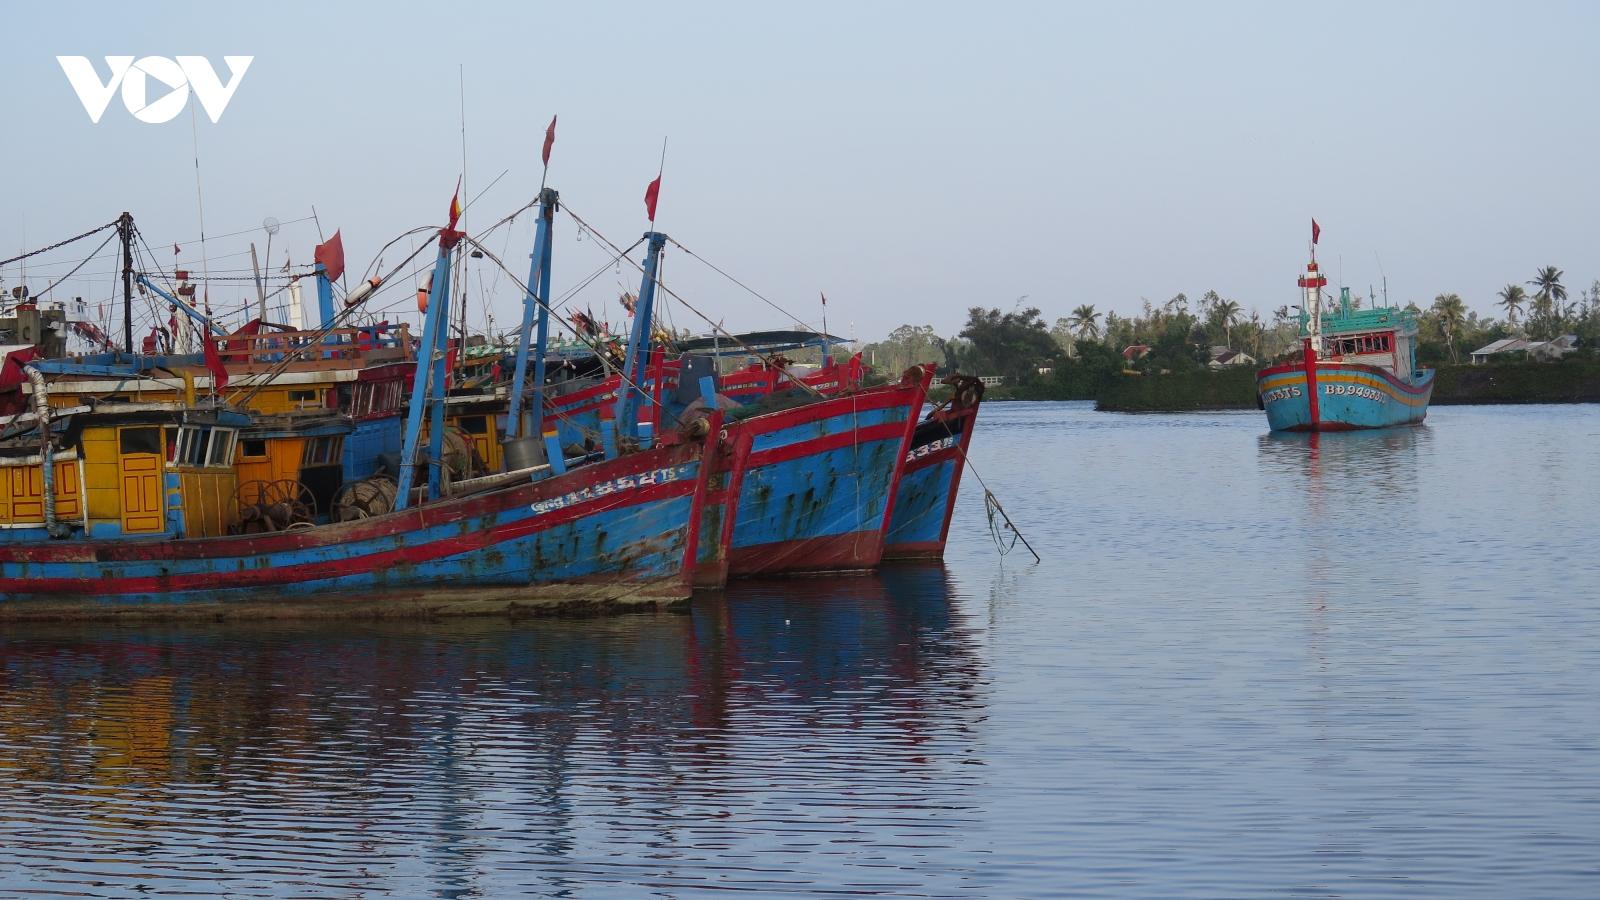 Tước chứng chỉ 10 thuyền trưởngdo ngắt thiết bị giám sát hành trình